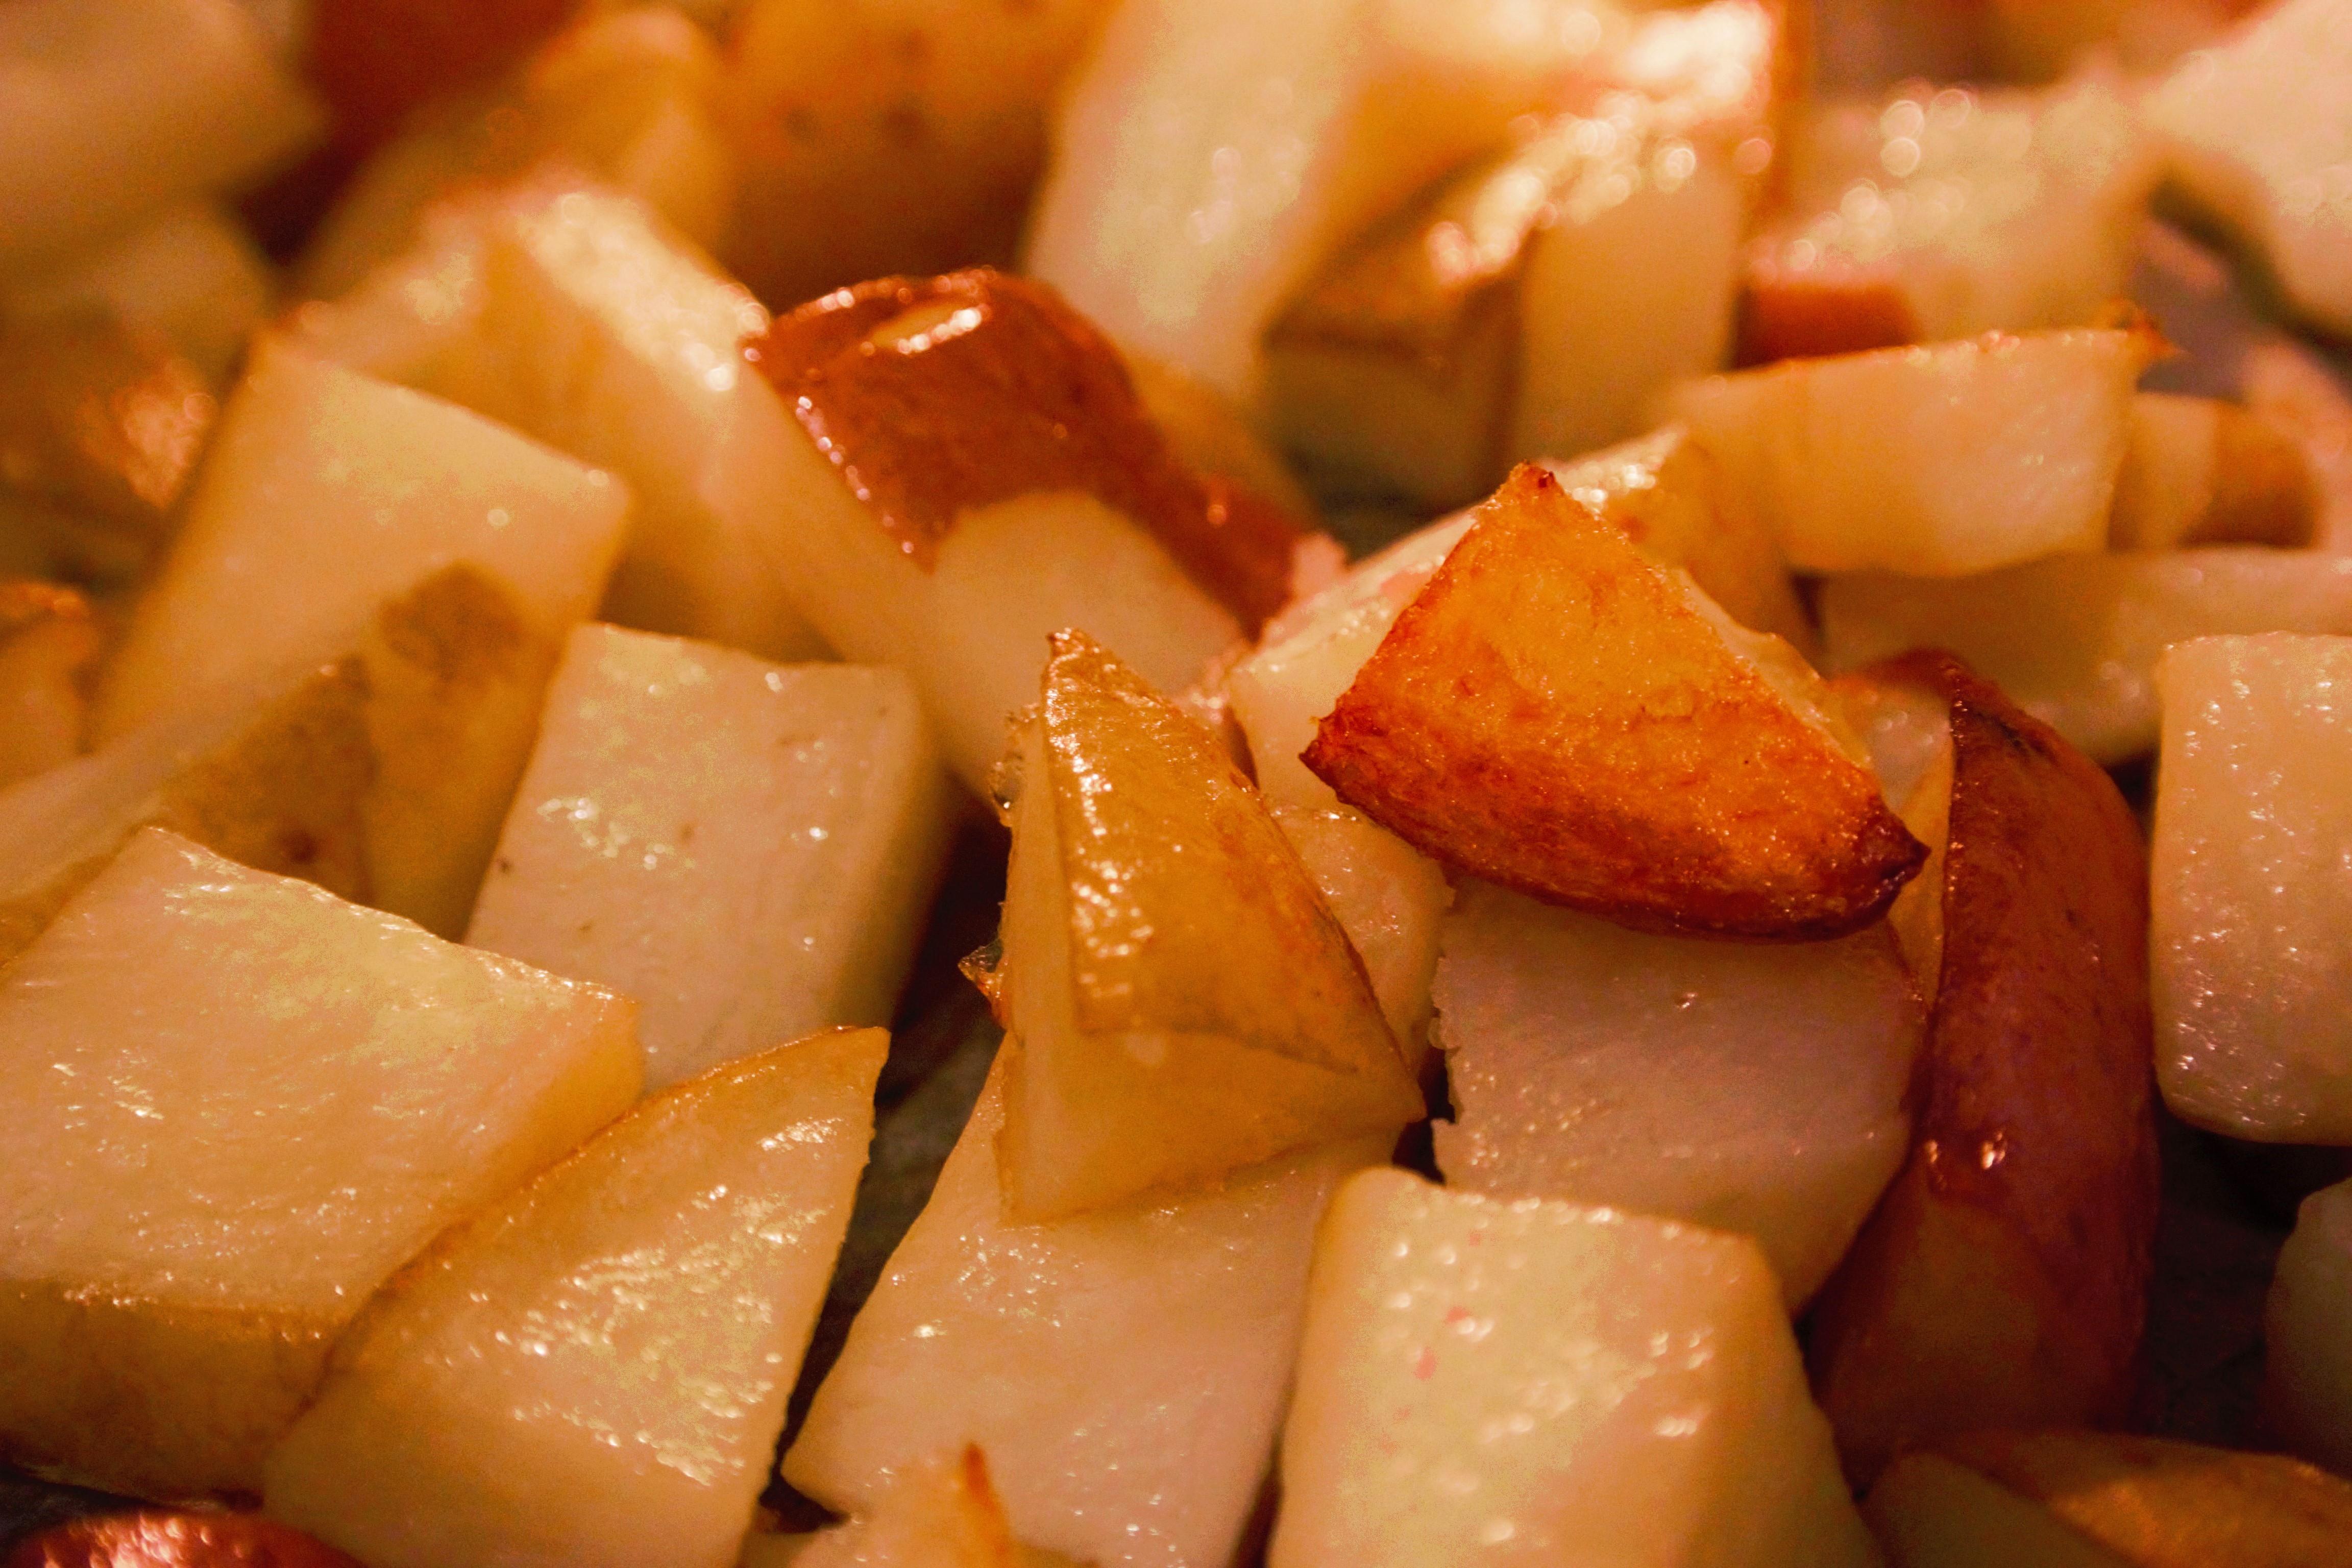 הום פרייז בתנור בצ'ילי מתוק מתכון טבעוני לפסח מעולה לליל הסדר מתכונים טבעוניים כשרים לפסח - השוחטת הטבעונית - יעלי שוחט http://veganslaughterer.co.il